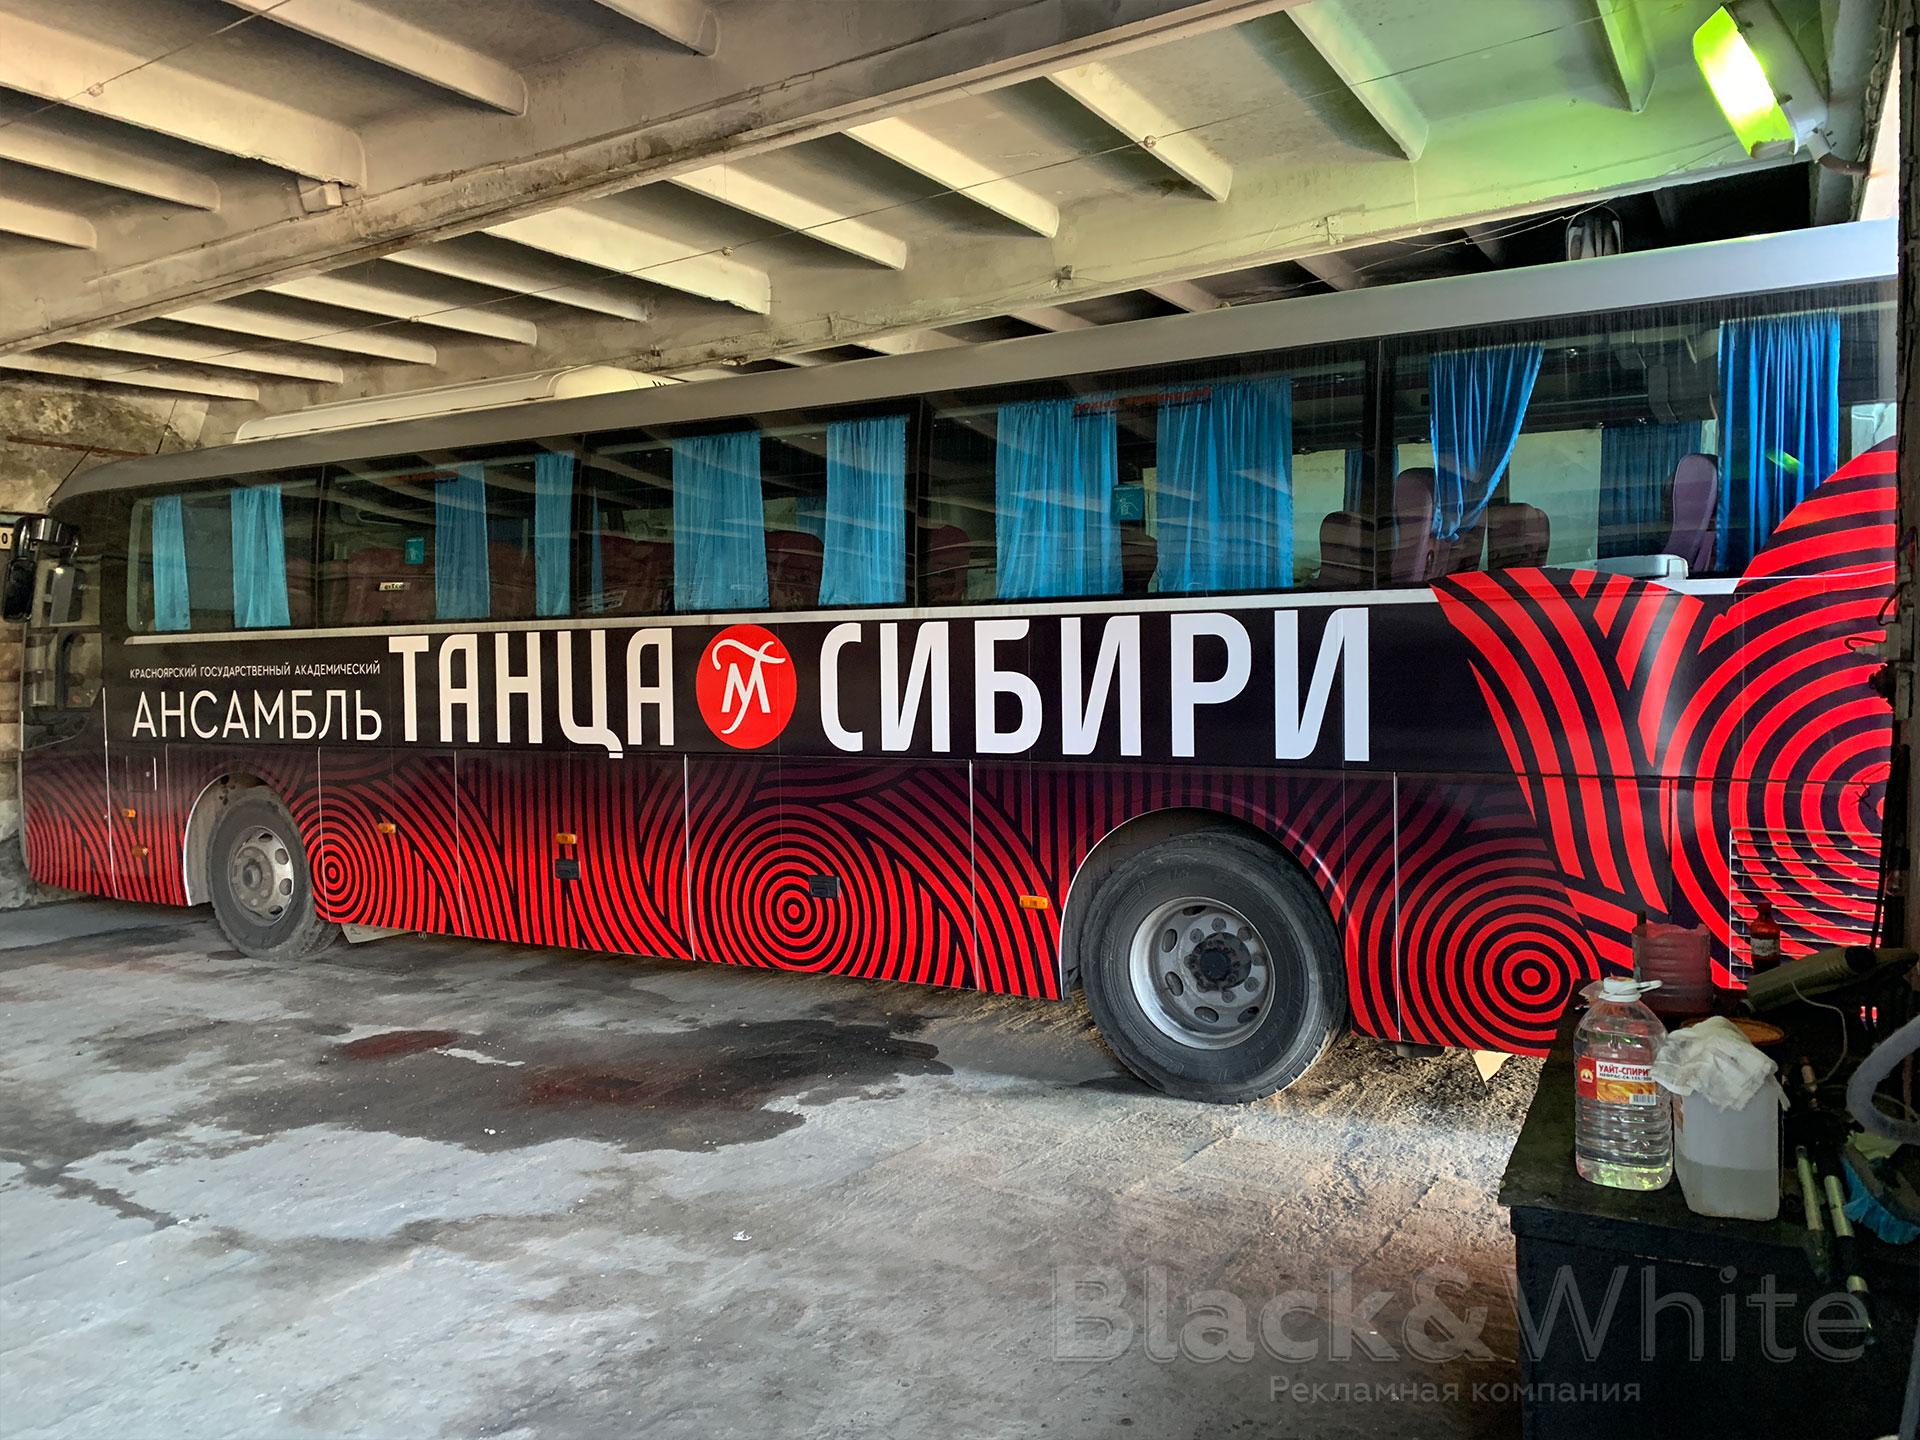 Брендирование-автобуса-Танцы-Сибири-Красноярск....jpg